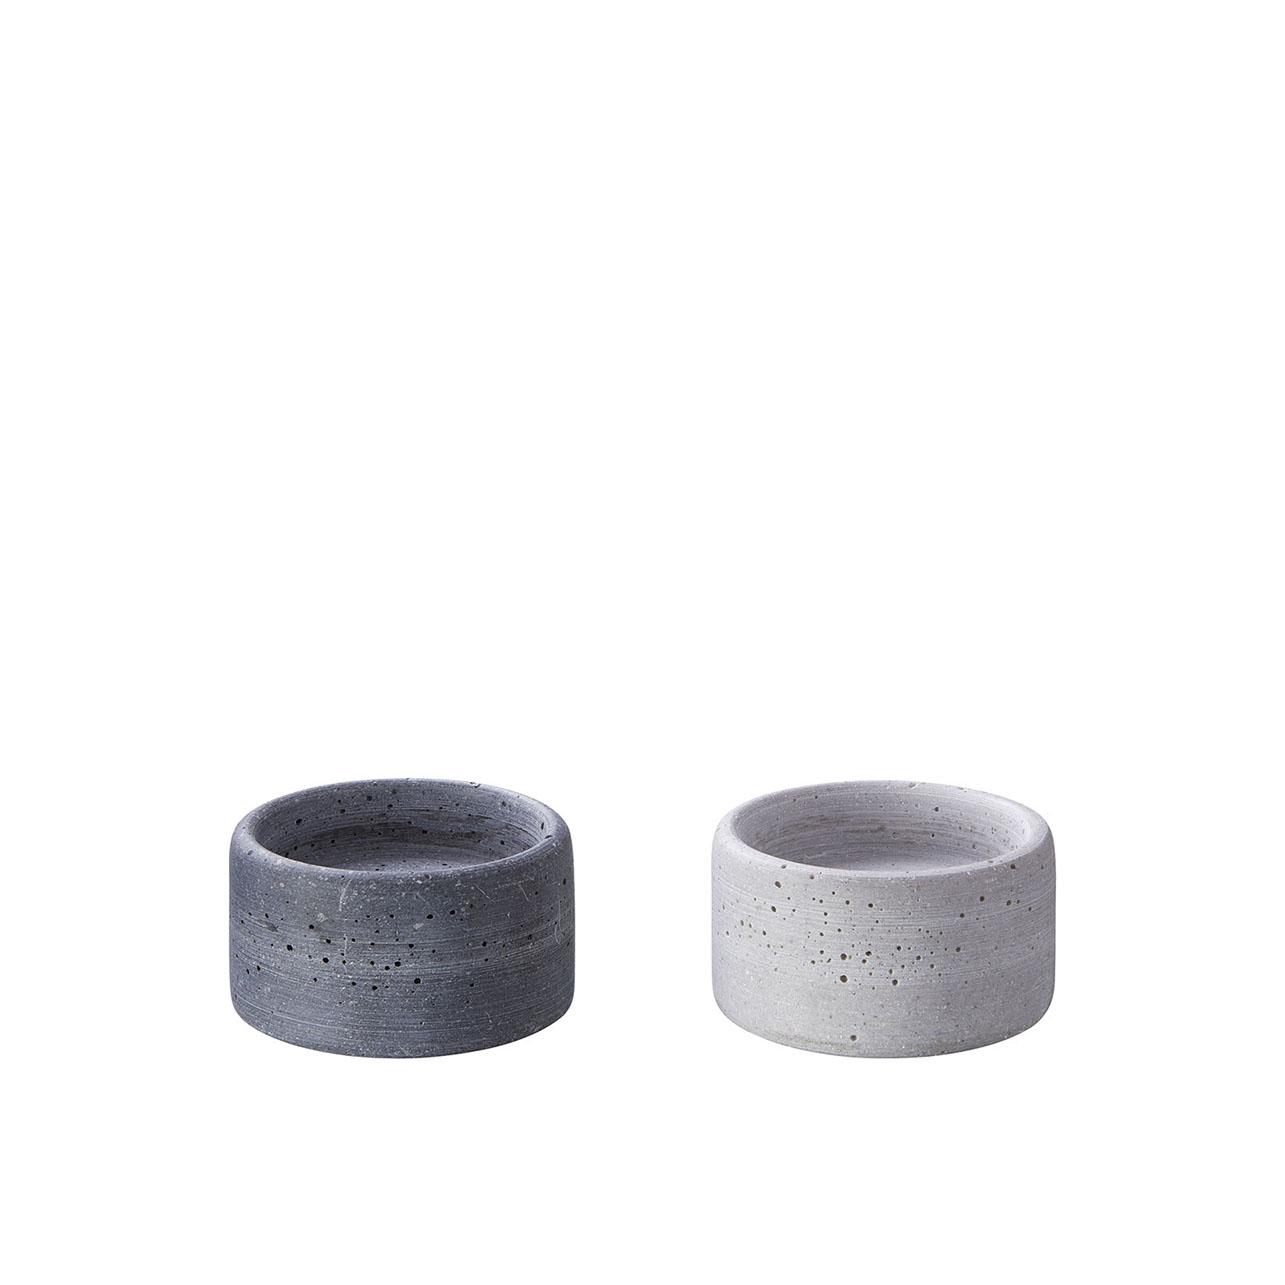 Kerzenteller OLE klein - grau oder anthrazit - von Engels Kerzen